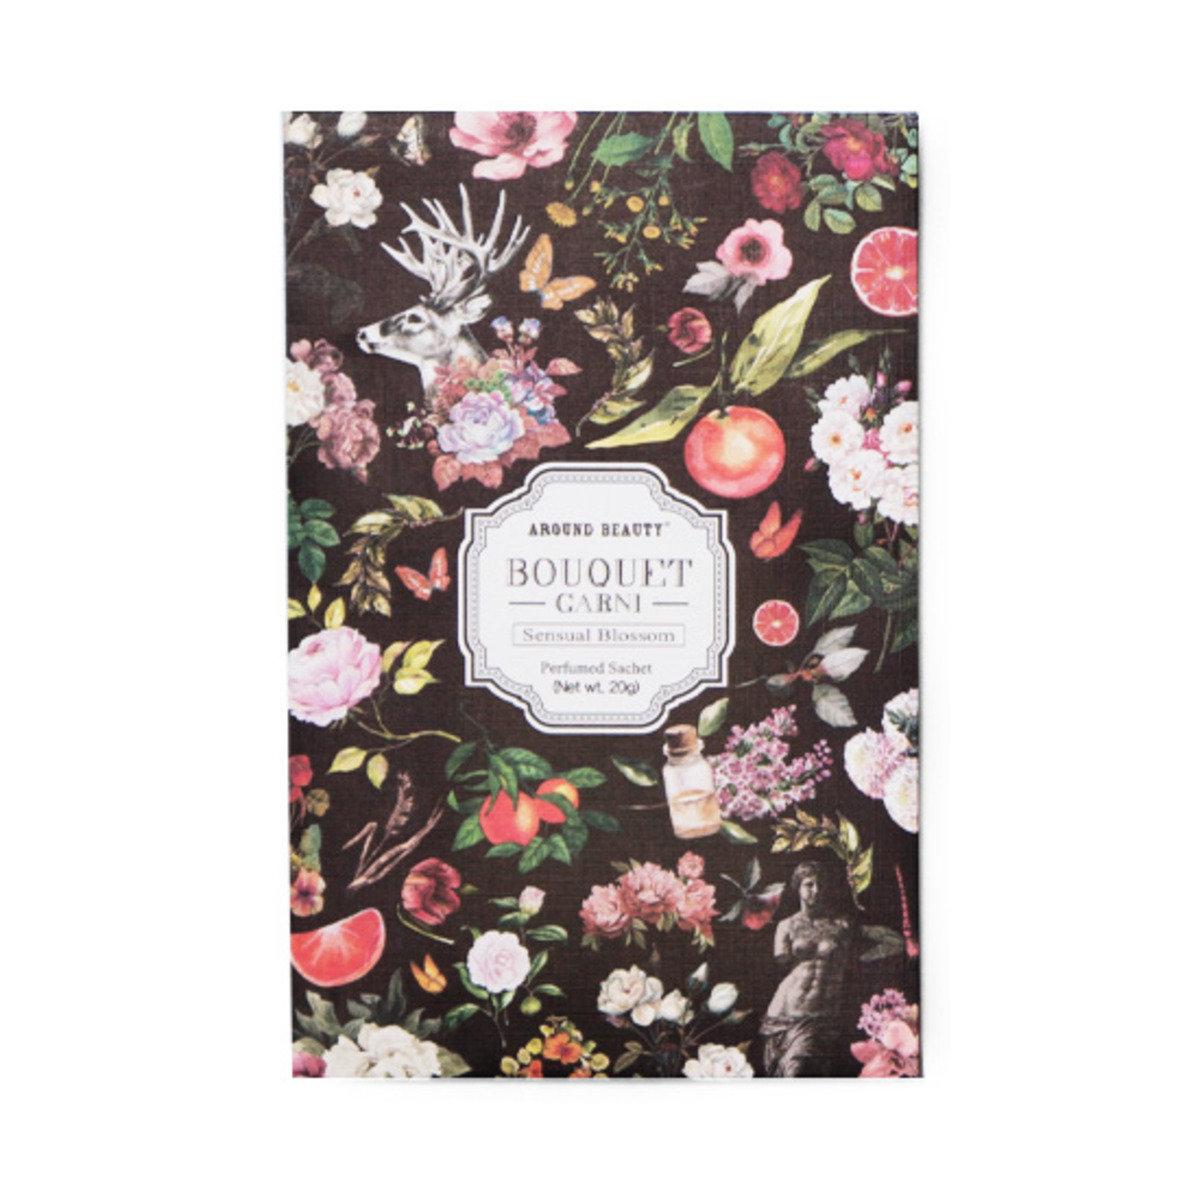 衣櫥香囊 Sensual Blossom 20g